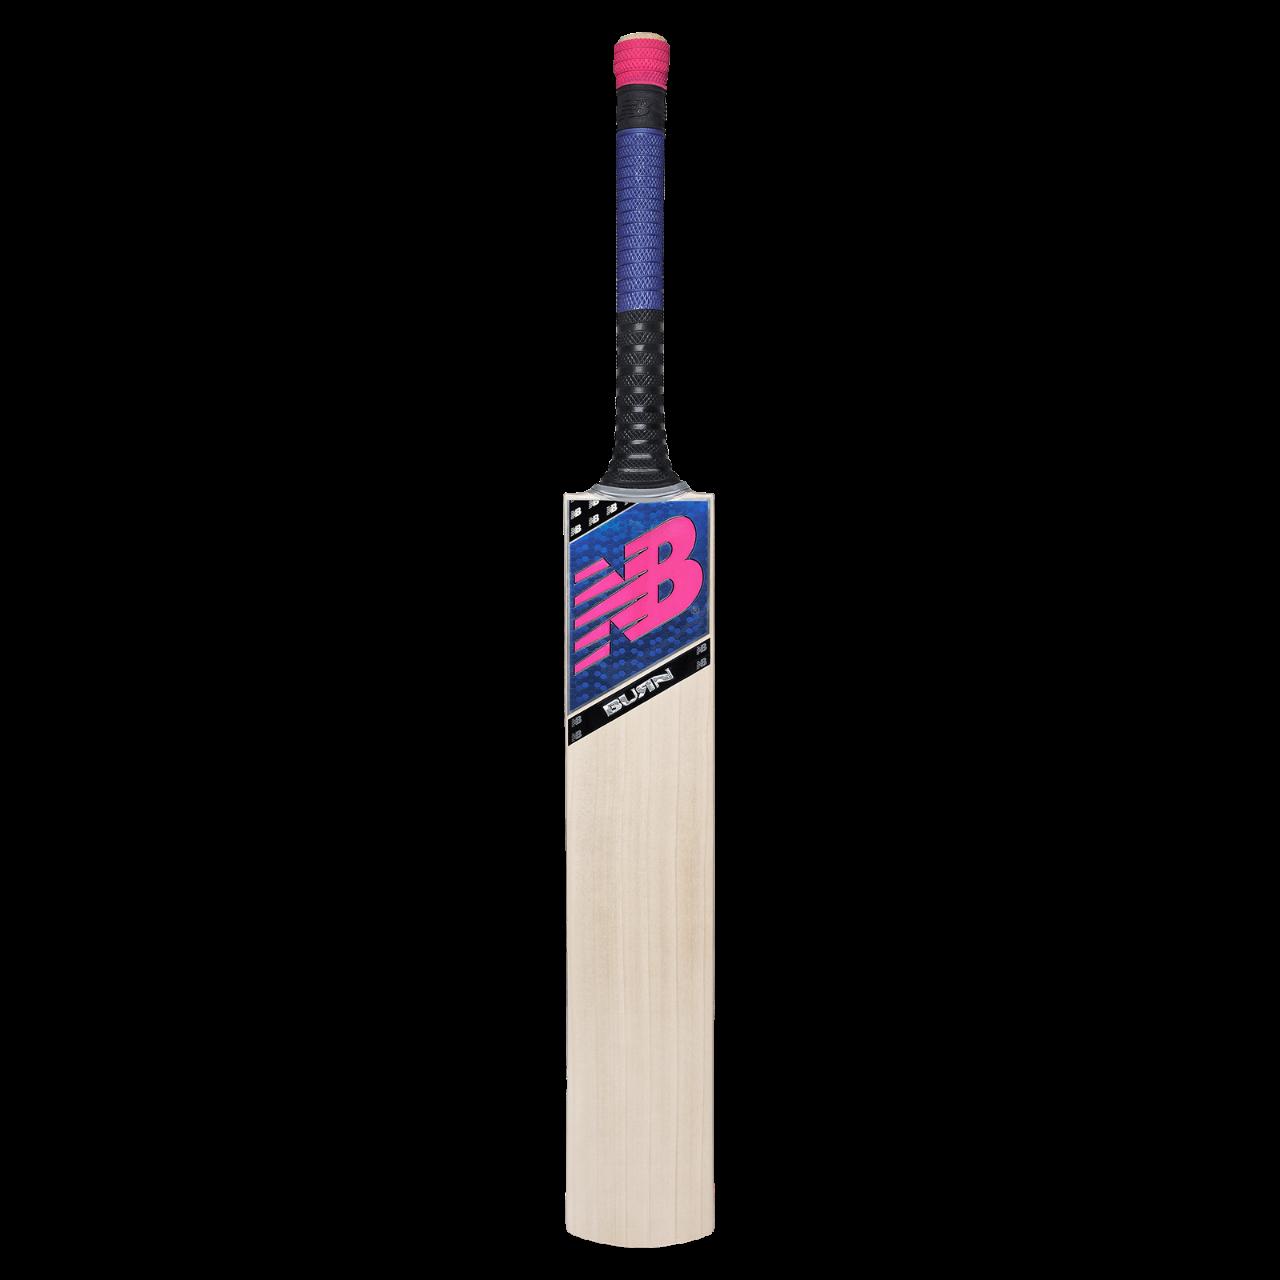 2021 New Balance Burn Cricket Bat